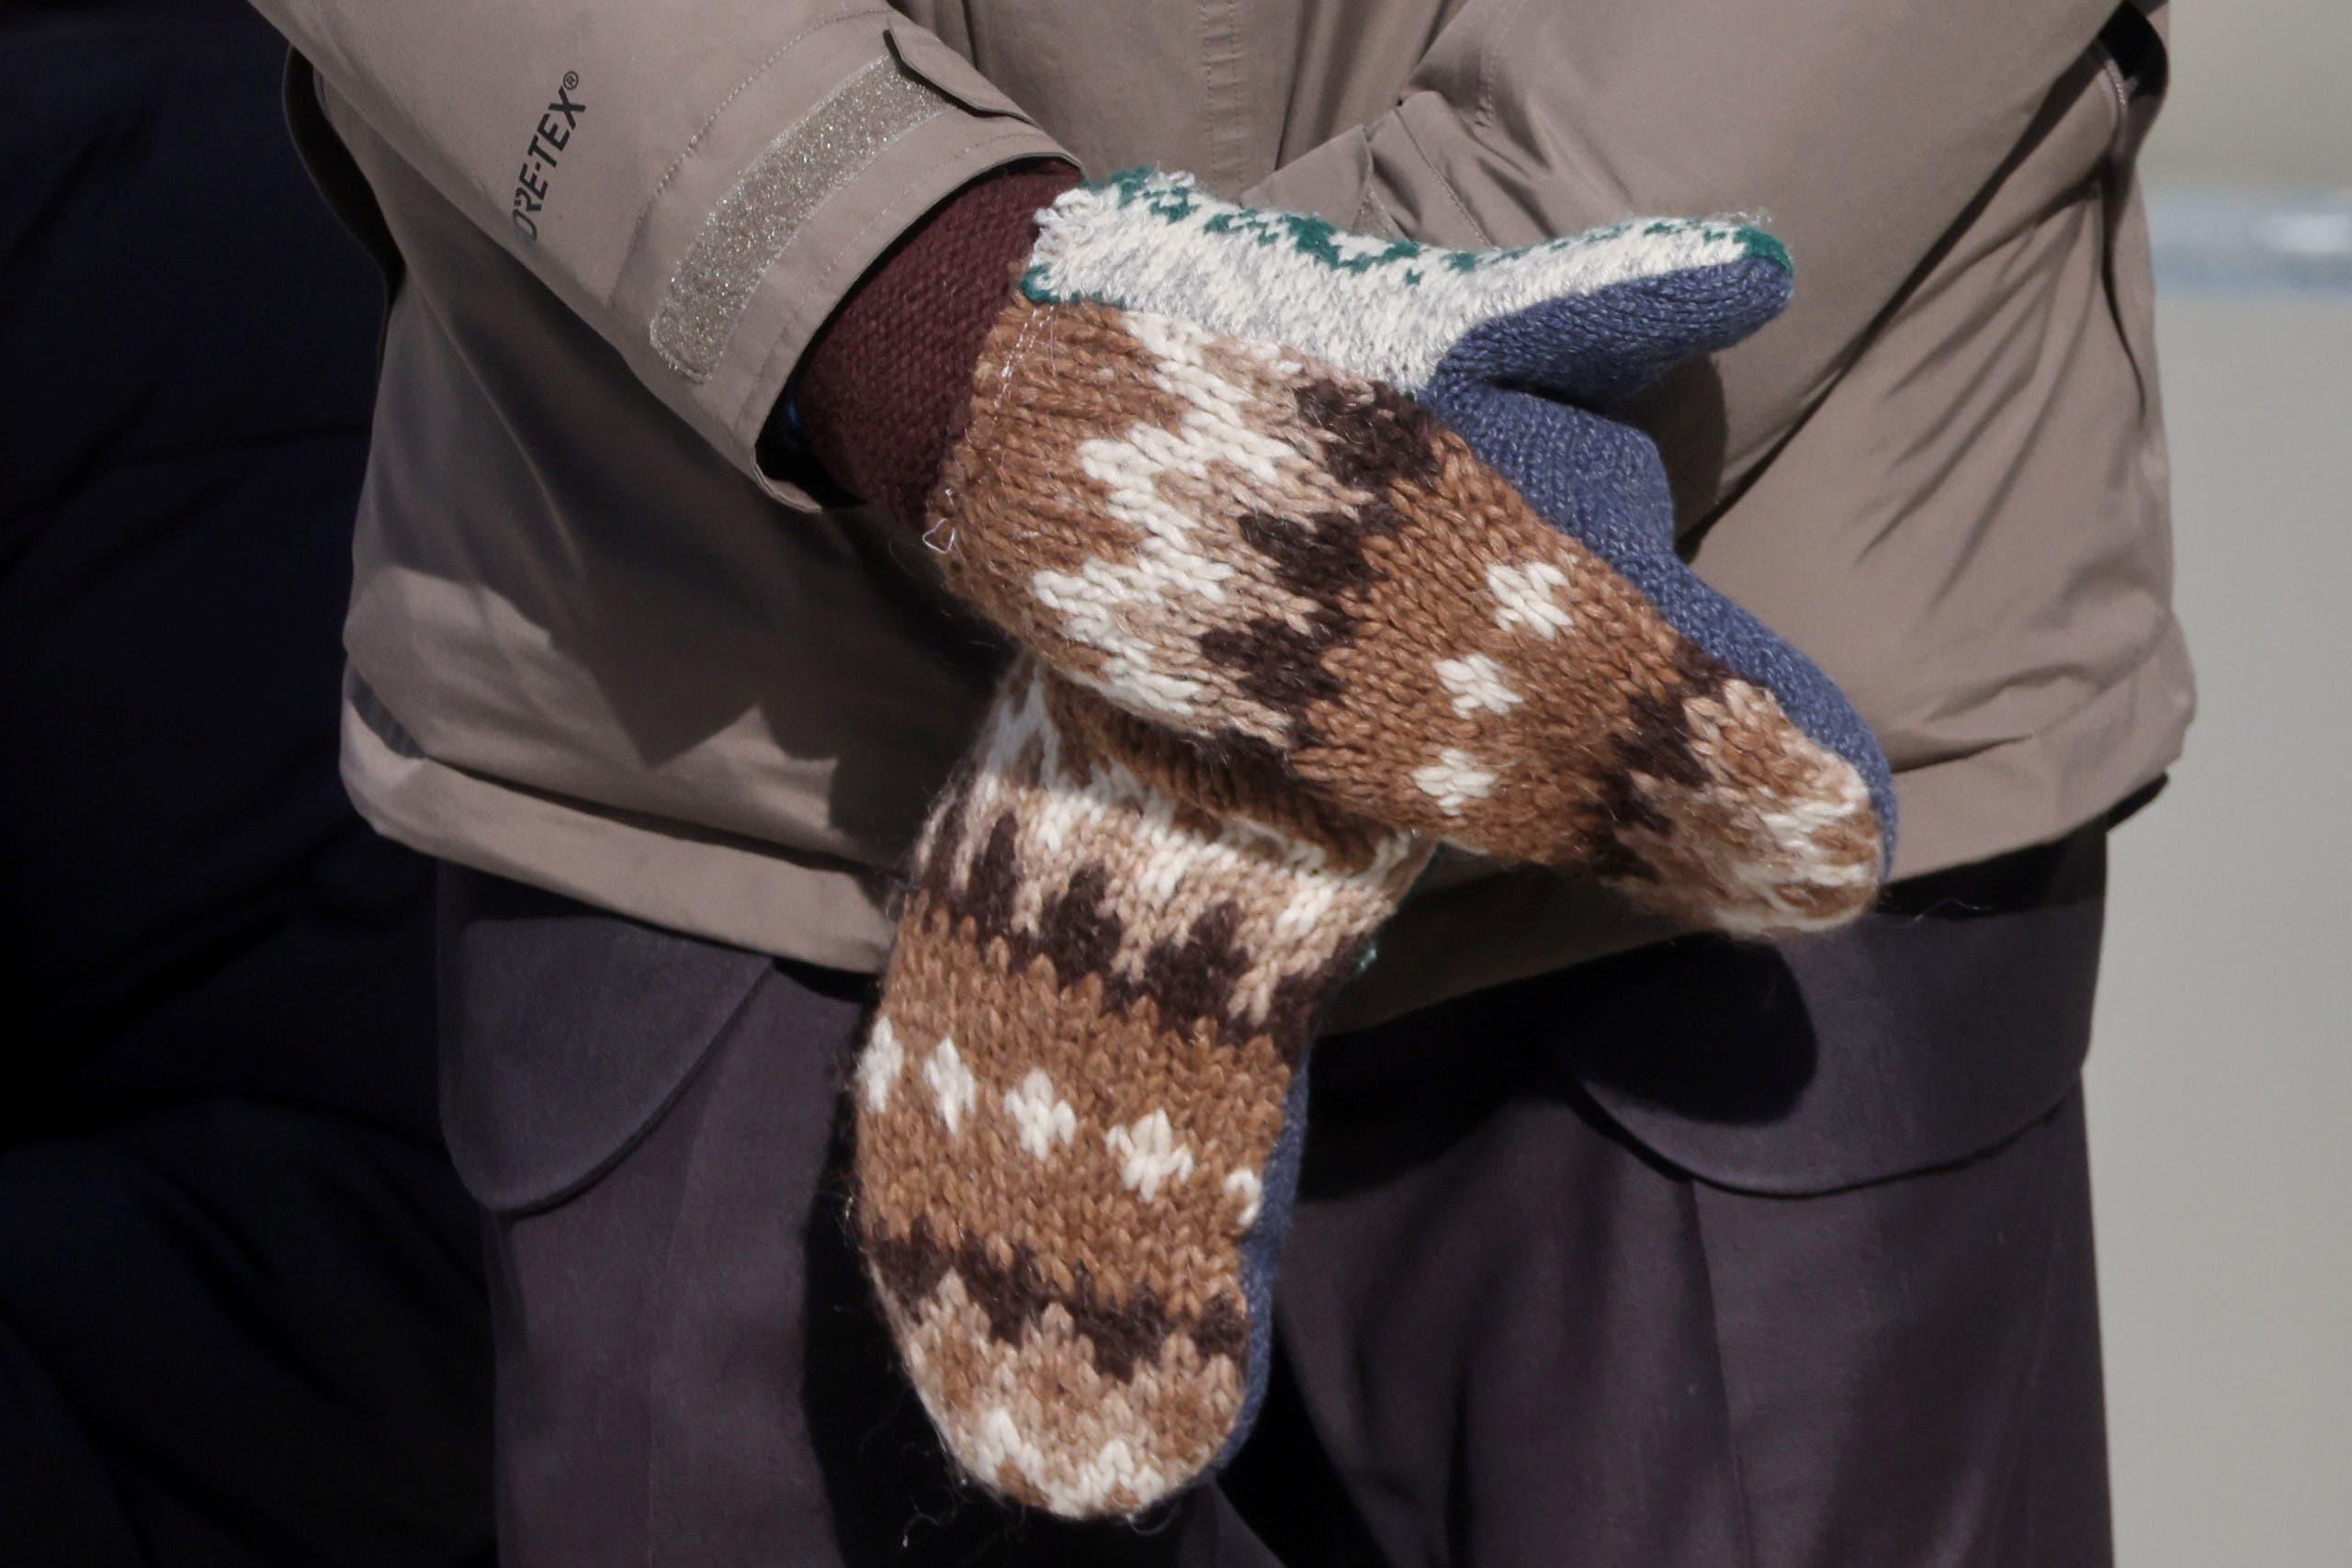 القفازات التي ارتداها ساندرز يوم التنصيب